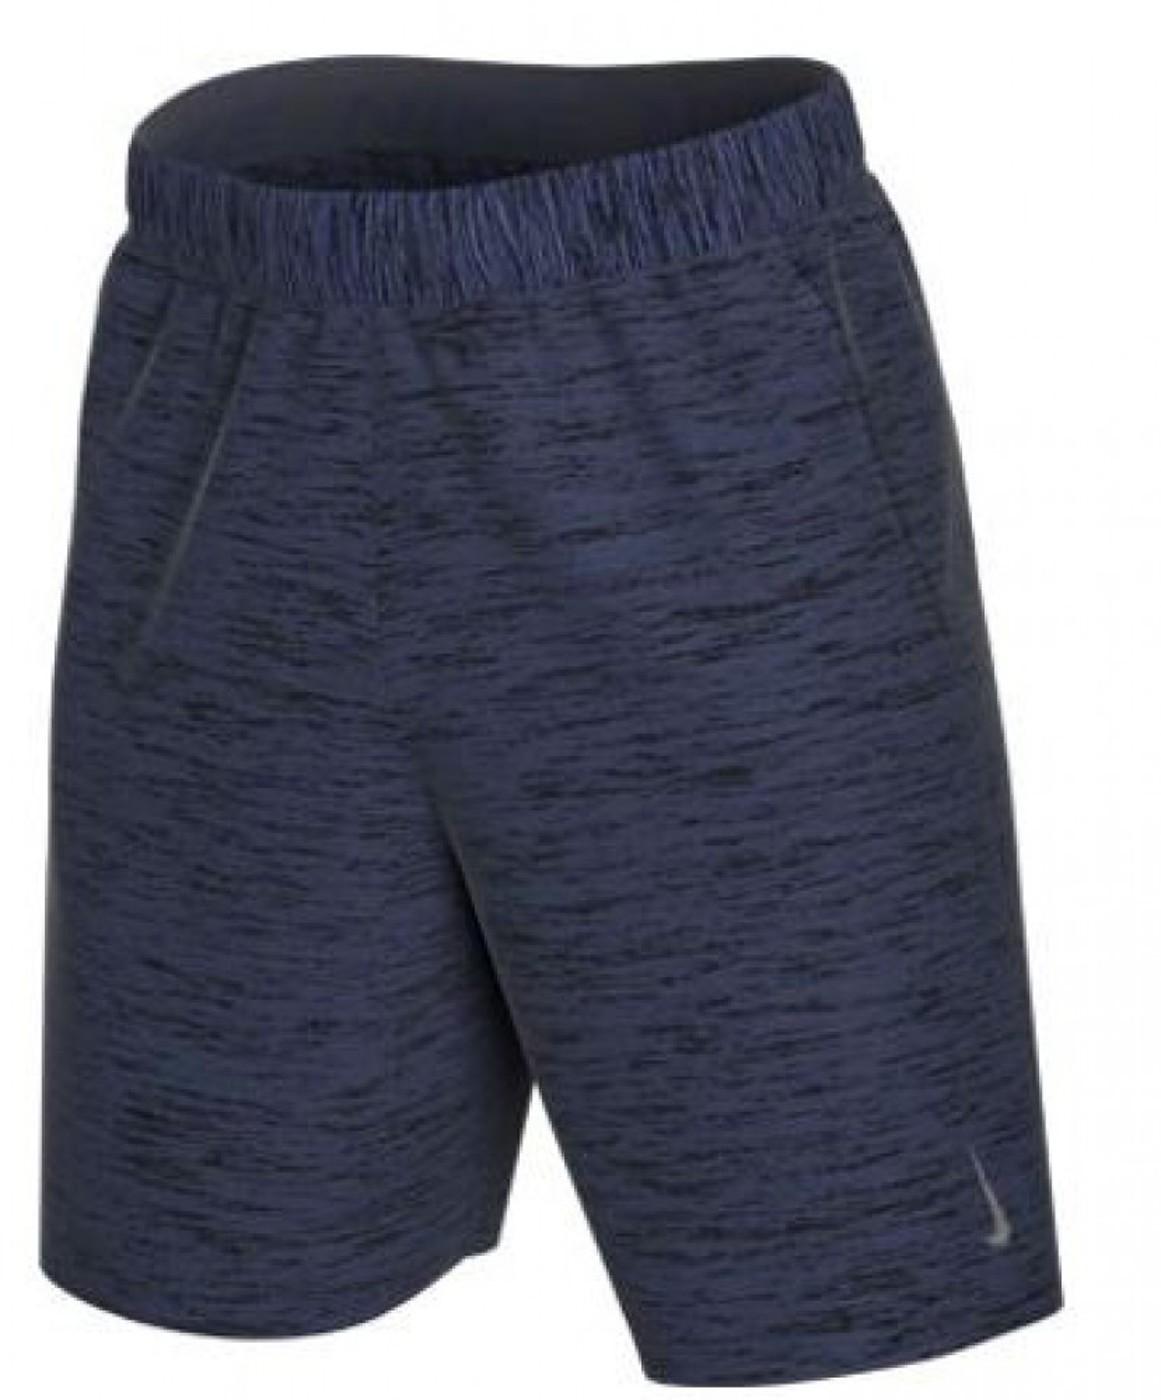 Nike Yoga Dri-FIT Shorts - Herren